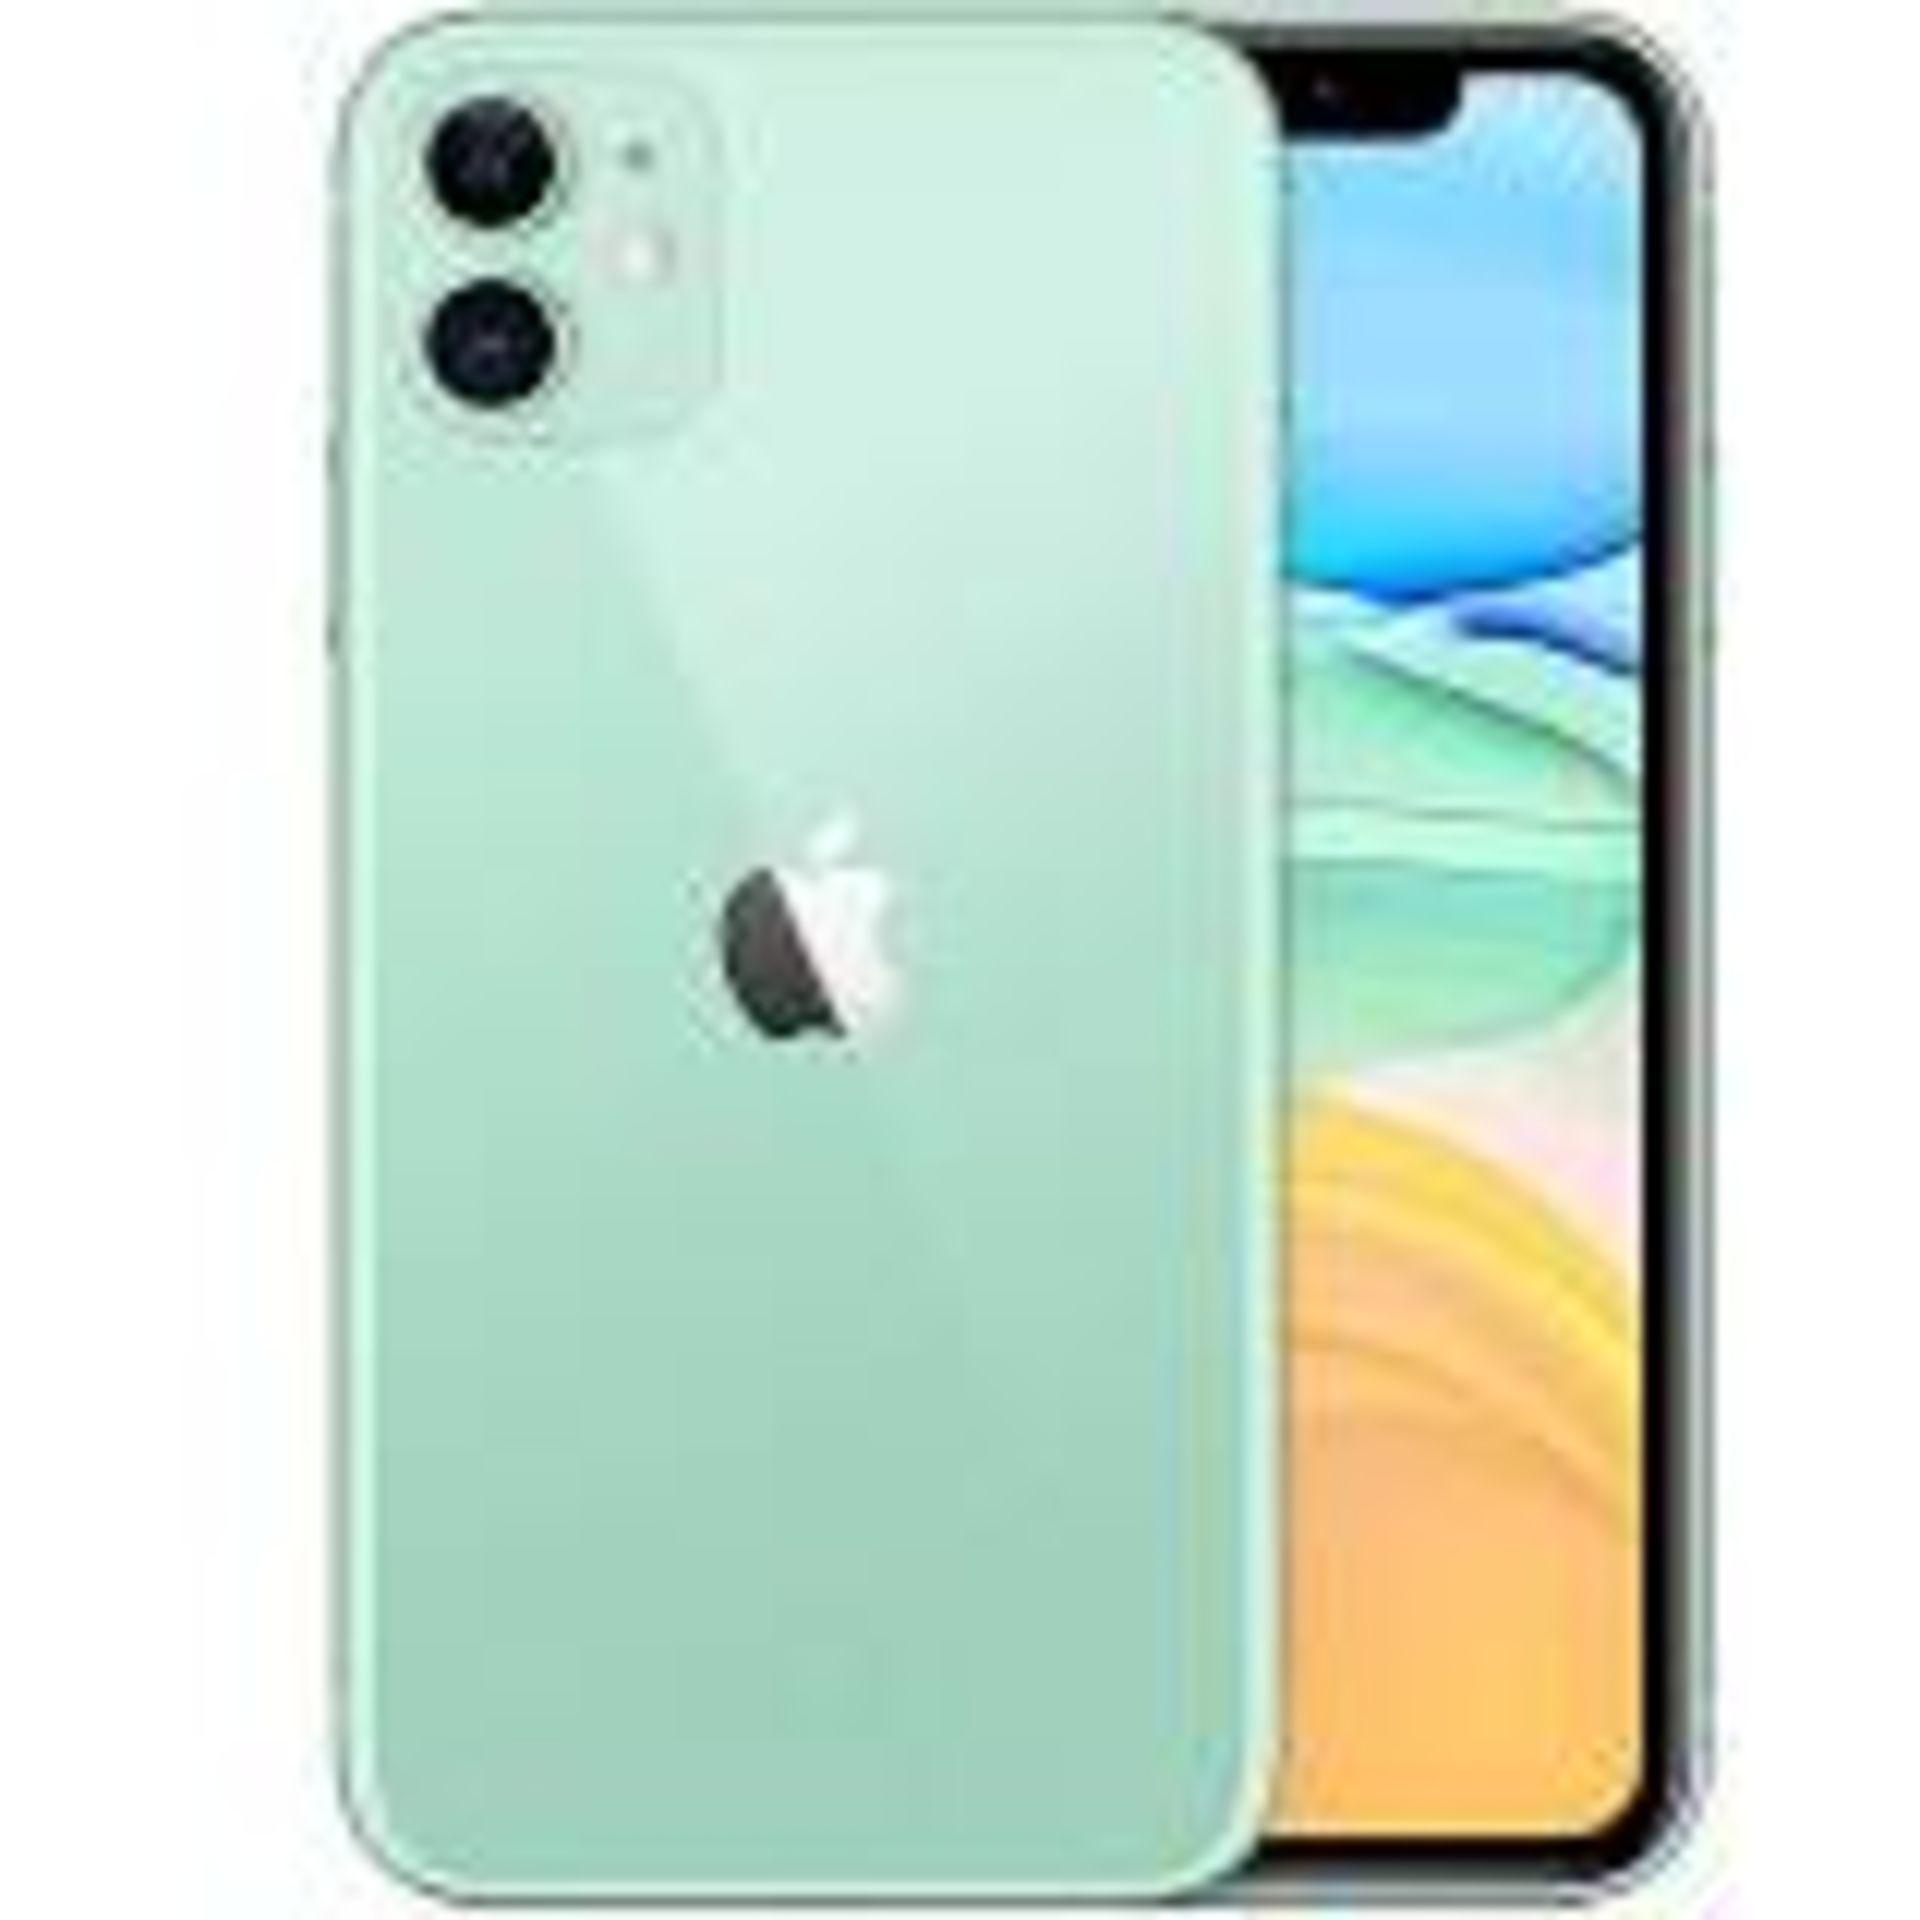 RRP £879 Apple iPhone 11 256GB Green